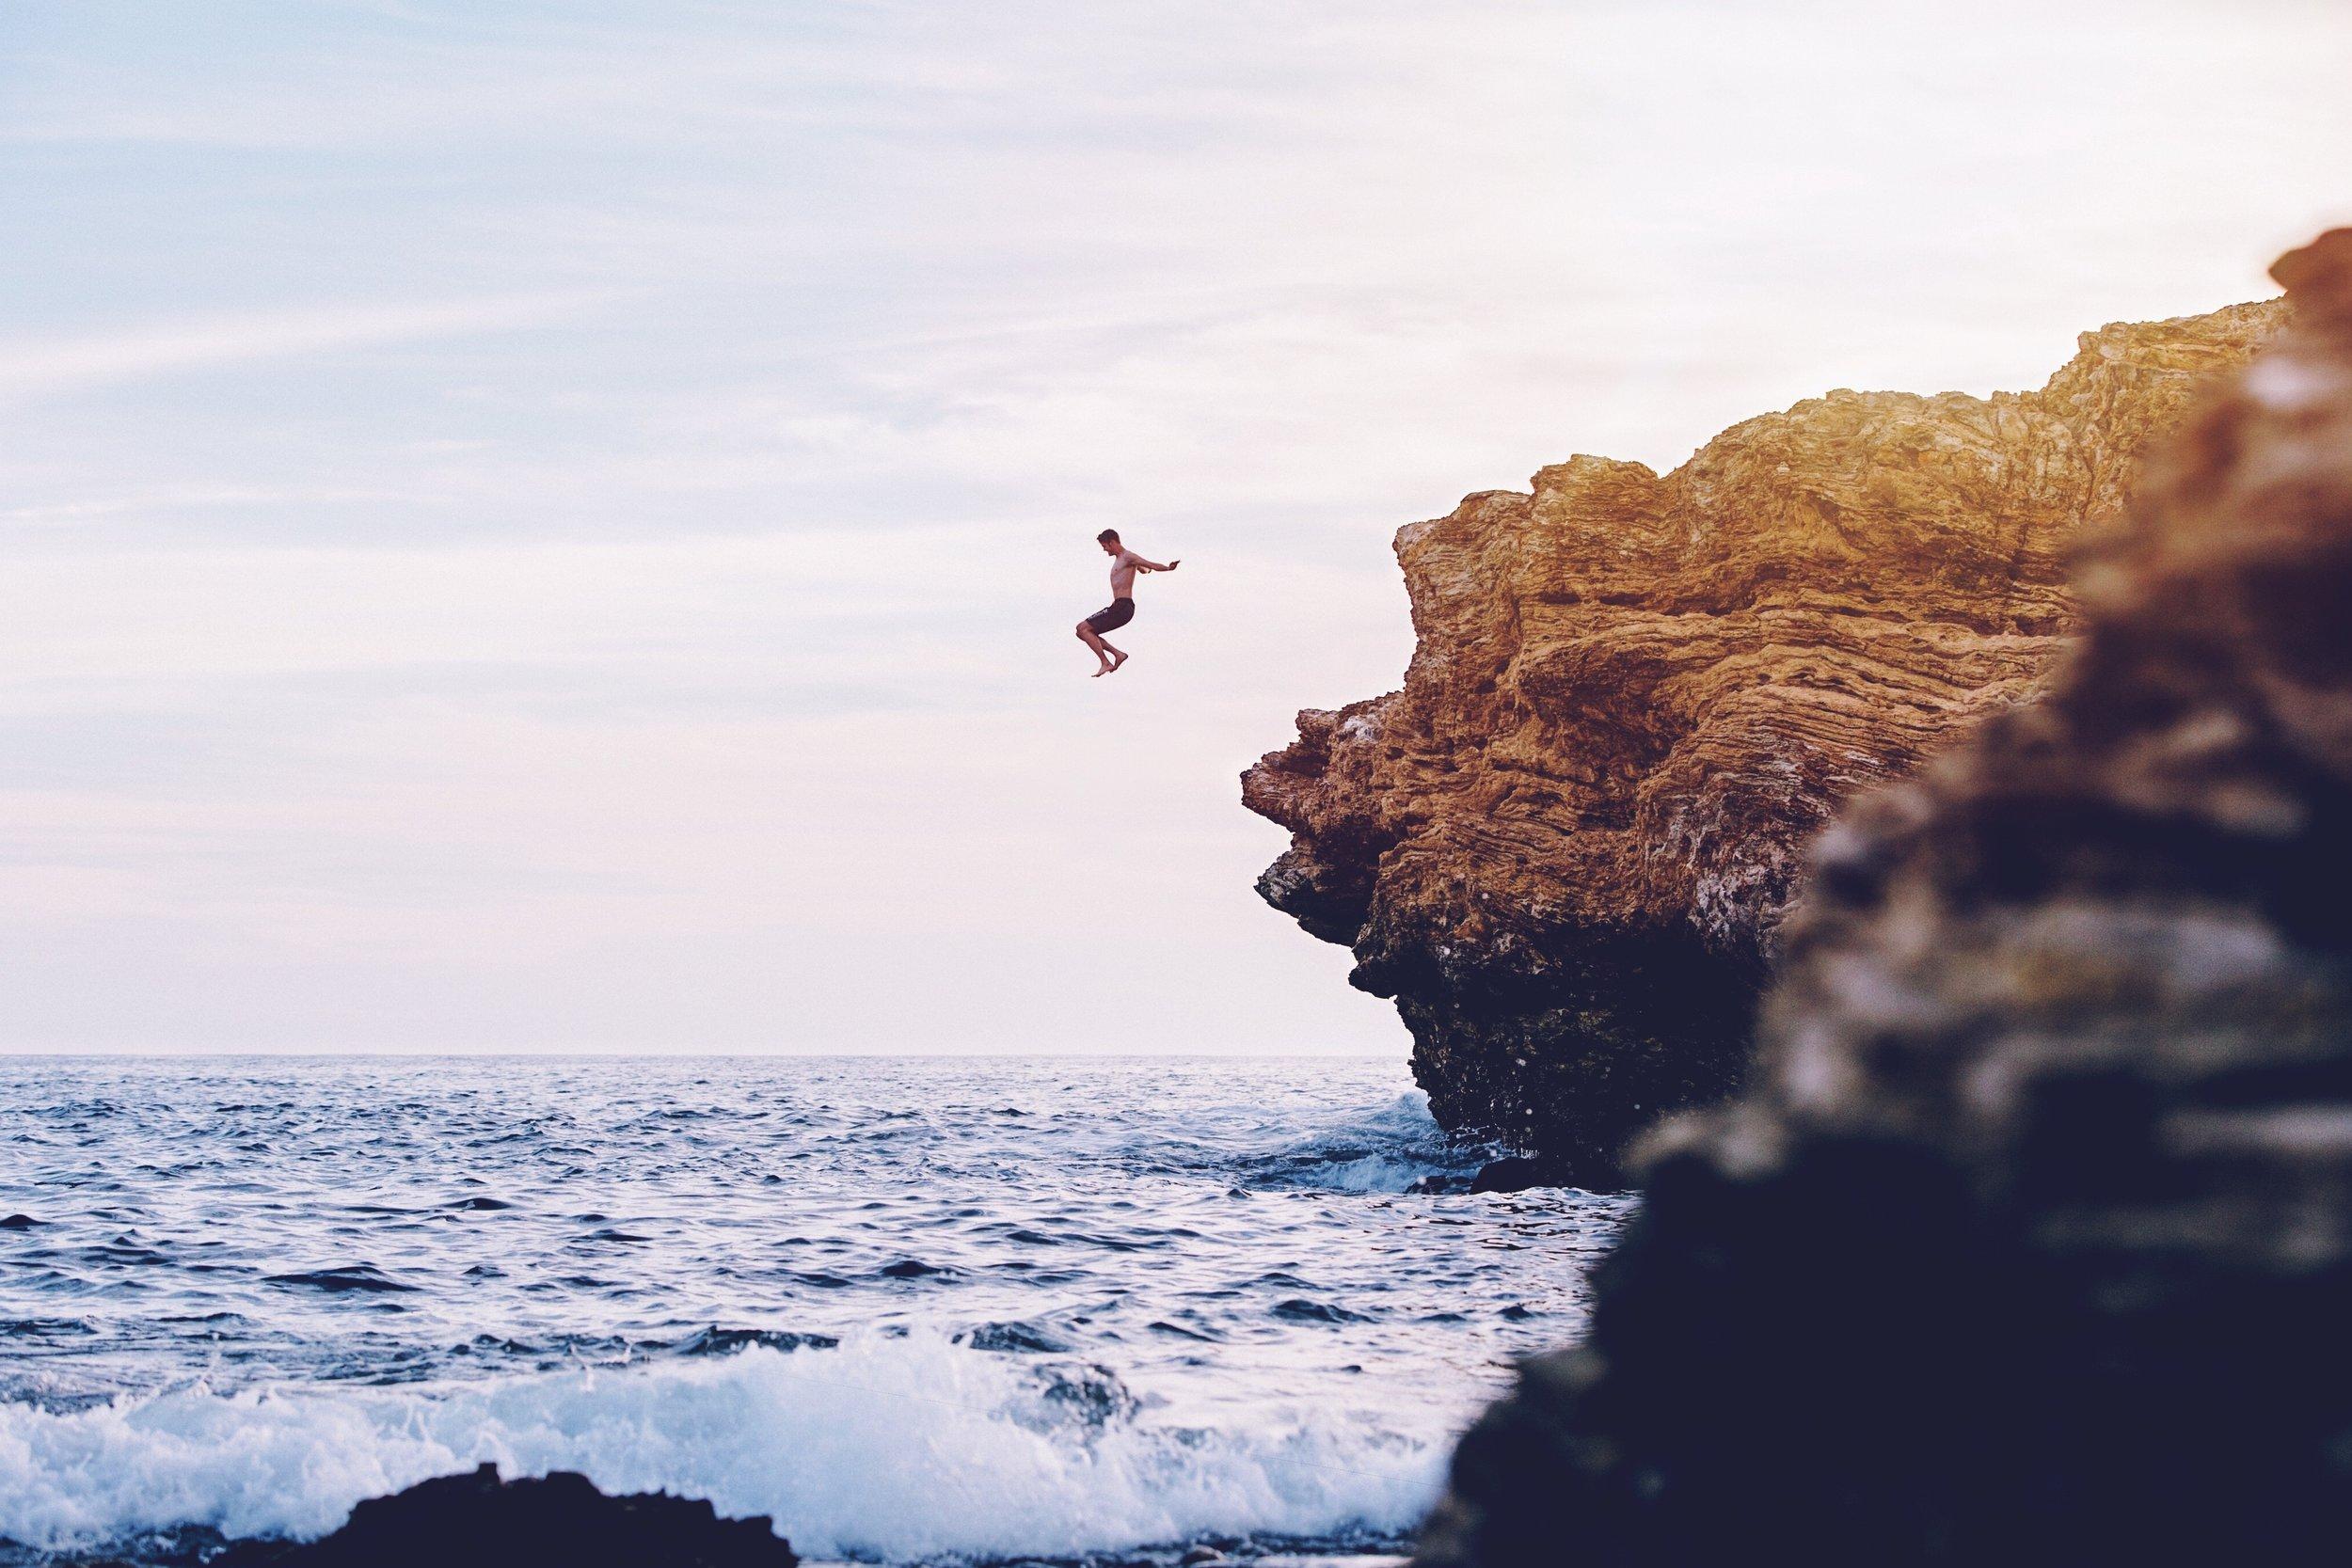 Cliff jumping - austin-neill.jpg